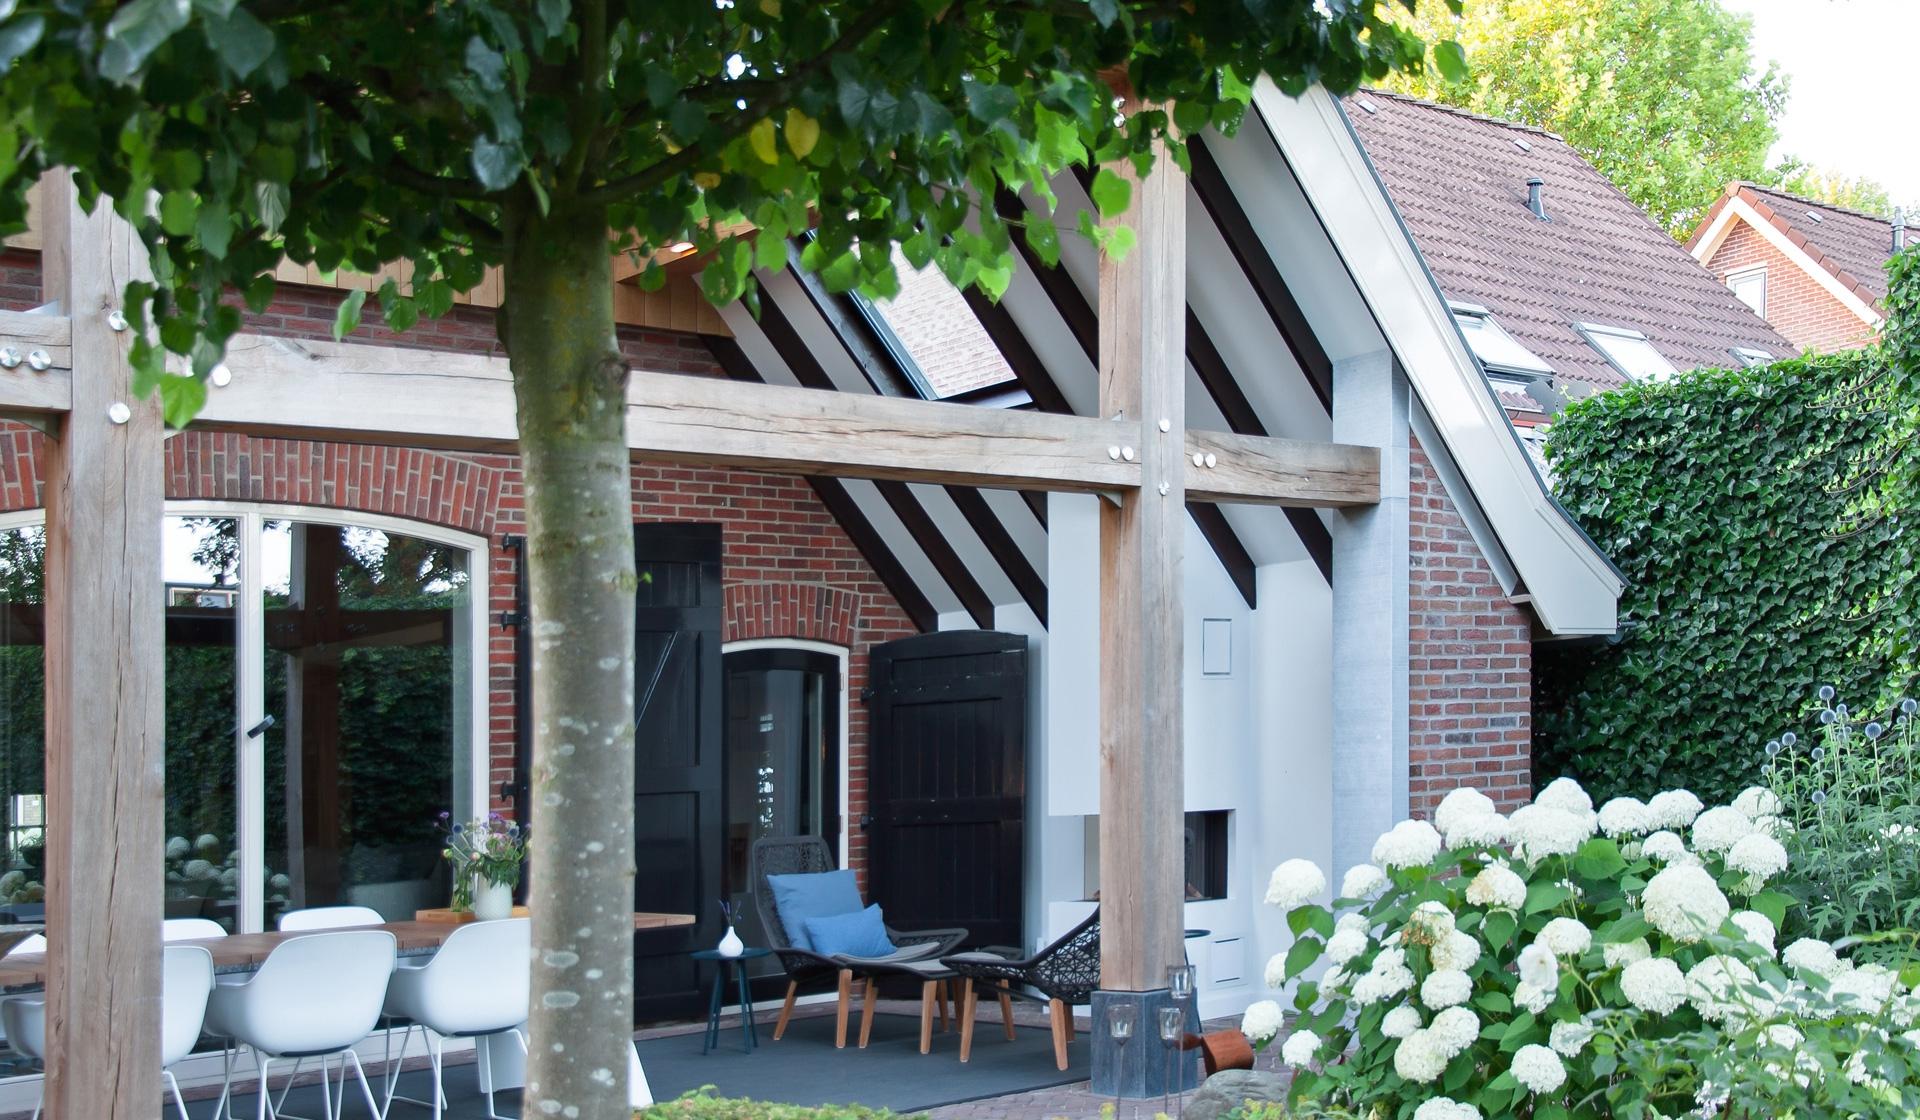 Buitenleven - Het Fundament Architectuur